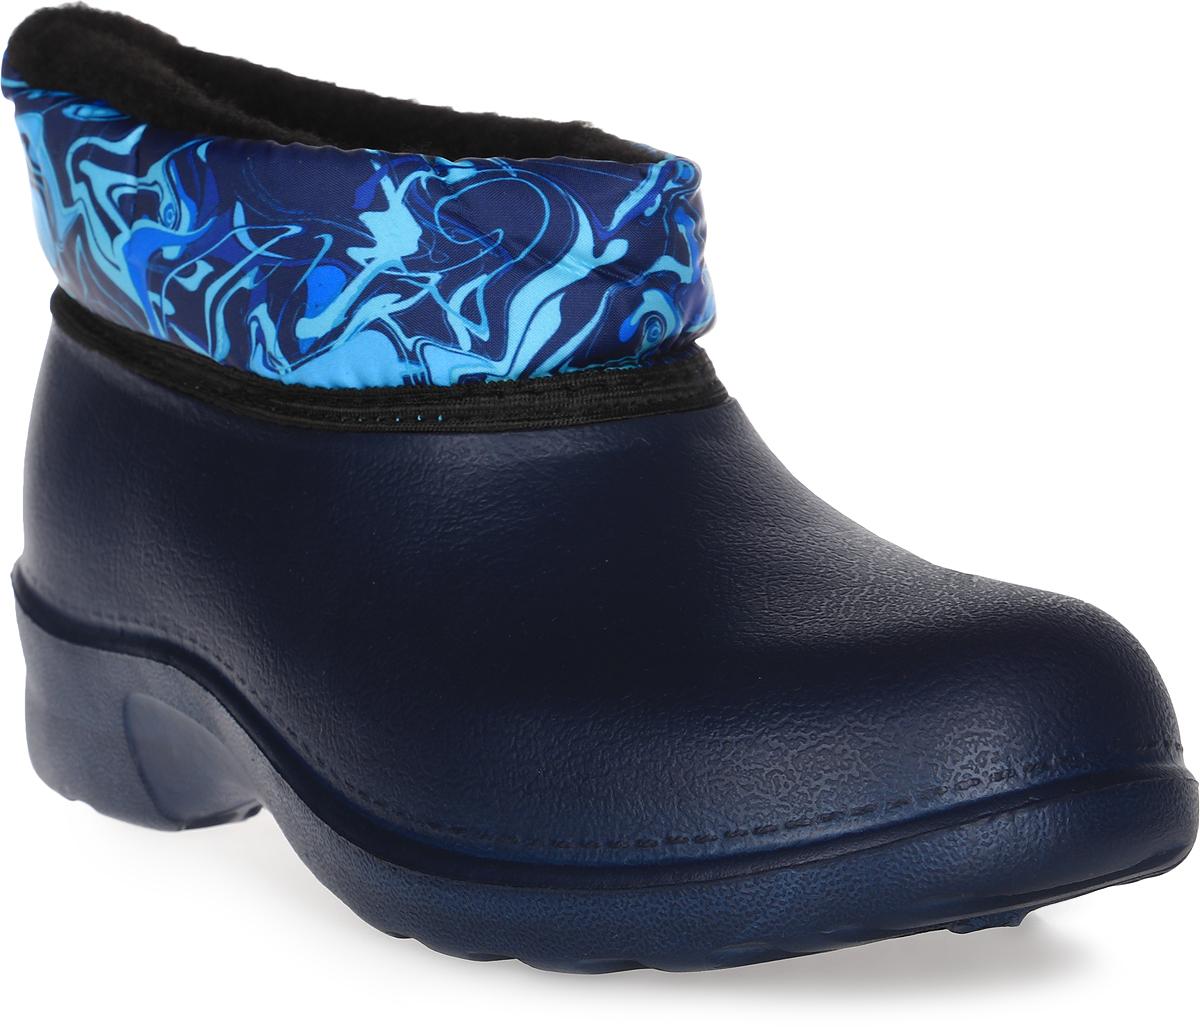 Сапоги резиновые женские Дюна, цвет: темно-синий. 320Т. Размер 38320ТПрелестные резиновые сапоги Дюна - идеальная обувь в дождливую погоду. Сапоги, выполненные из резины. Верх модели выполнен из текстиля и оформлен принтом. Подкладка и стелька из текстиля обеспечат комфорт. Подошва с рифлением гарантируют отличное сцепление с любой поверхностью. Резиновые сапоги - необходимая вещь в вашем гардеробе.